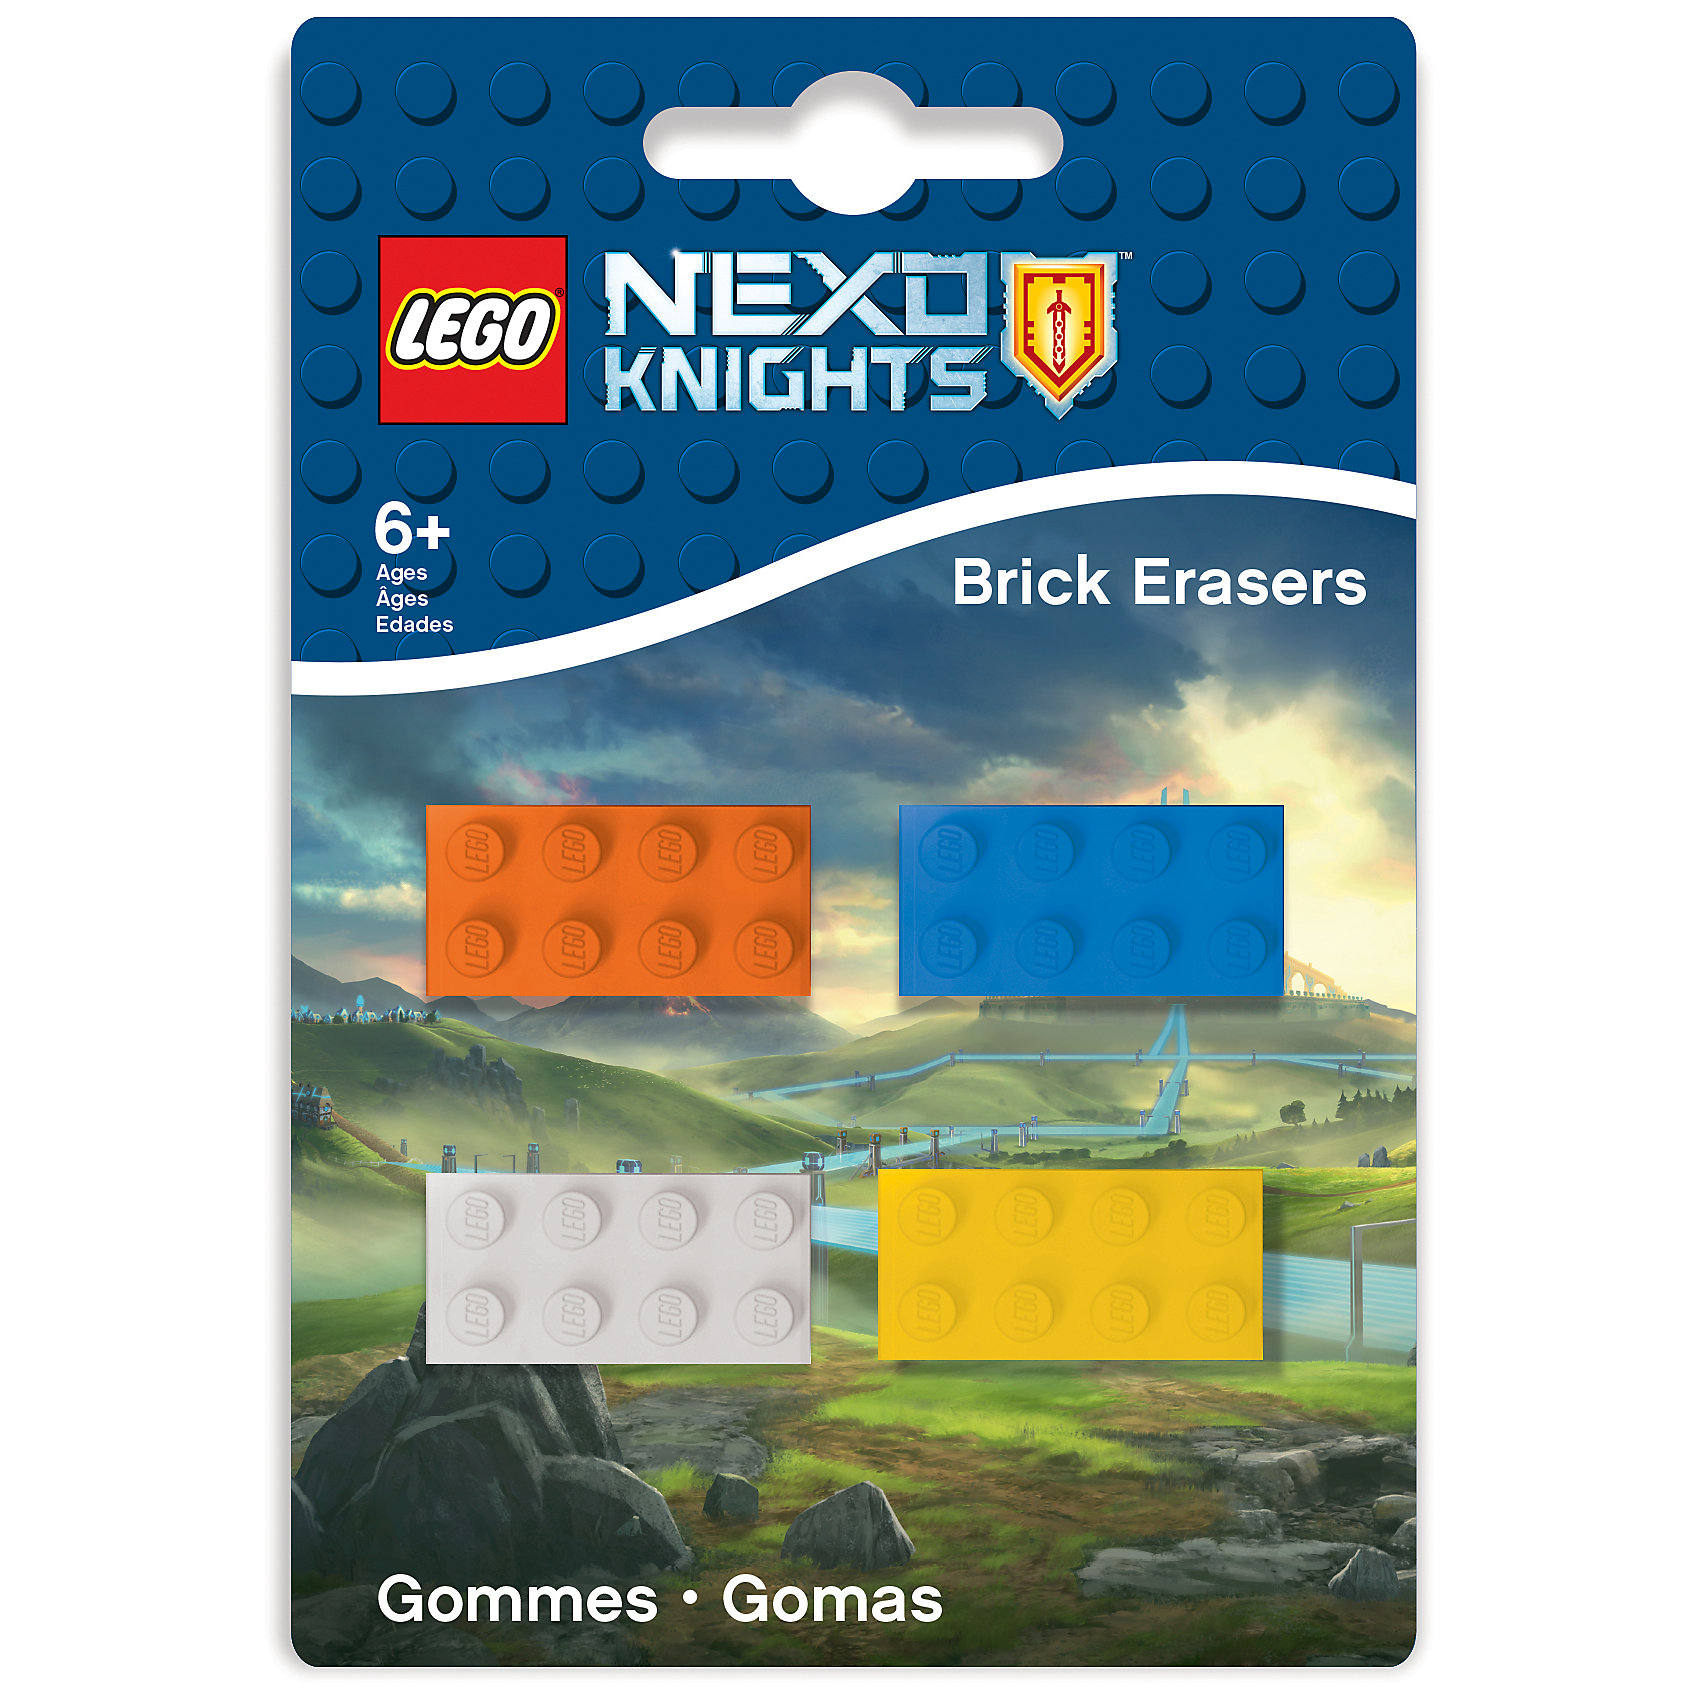 Набор ластиков, 4 шт., LEGOНабор состоит из 4 ластиков, выполненных в форме классического кирпичика LEGO.<br><br>Ширина мм: 95<br>Глубина мм: 10<br>Высота мм: 140<br>Вес г: 42<br>Возраст от месяцев: 36<br>Возраст до месяцев: 72<br>Пол: Мужской<br>Возраст: Детский<br>SKU: 5529385